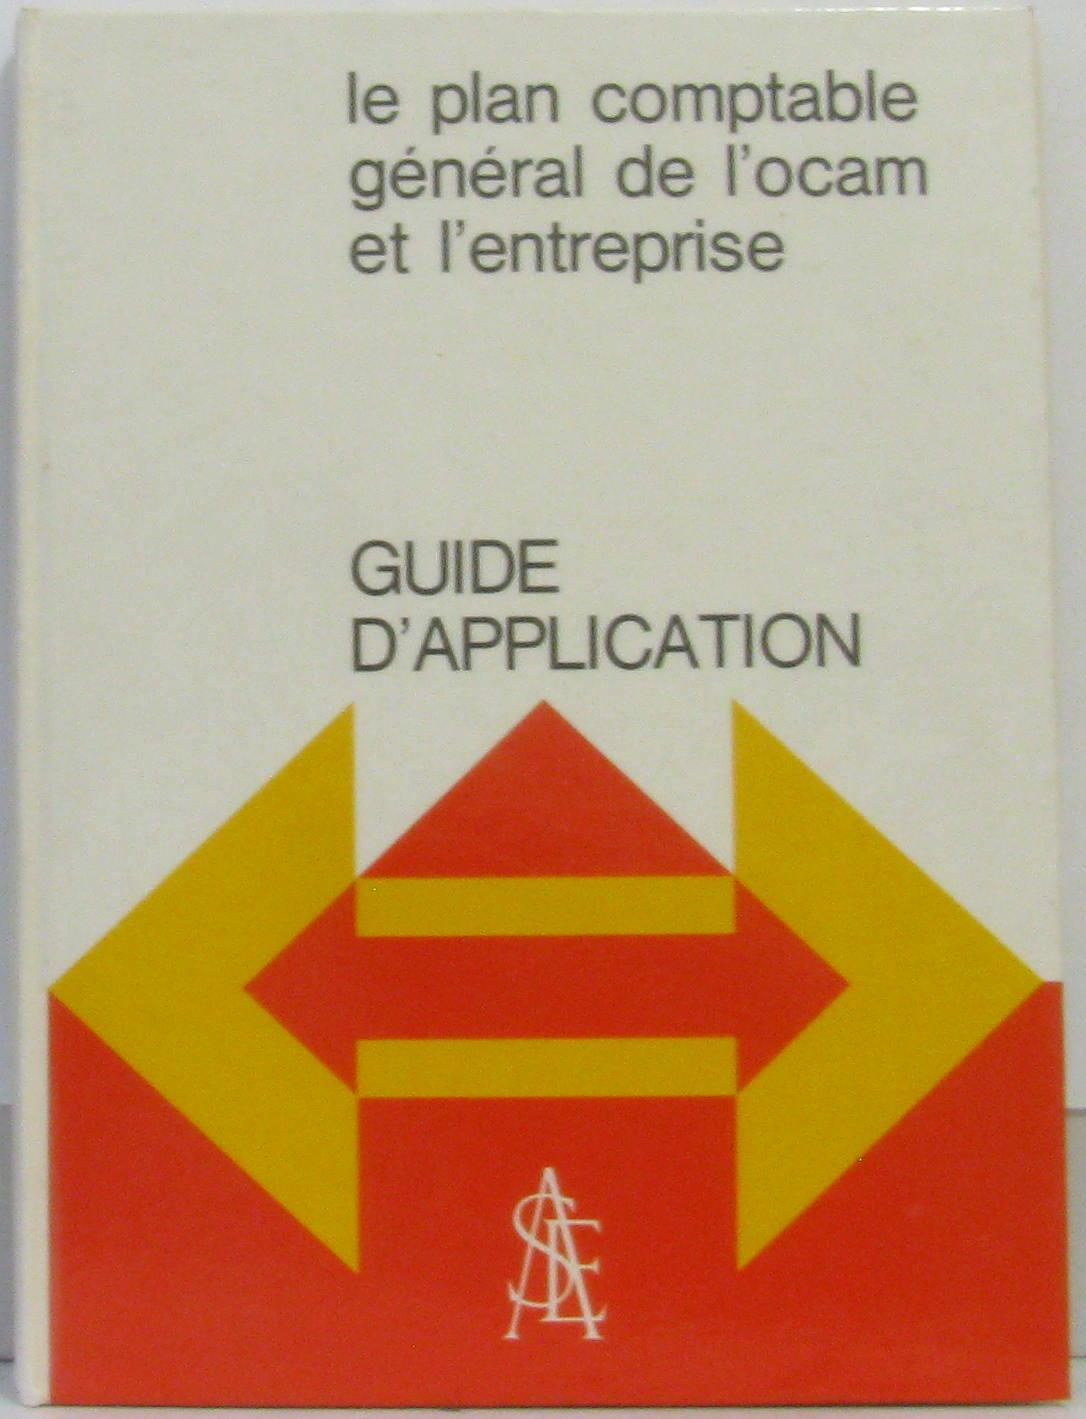 Le Plan Comptable General De L Ocam By Corre Paul Perochon Et Prost 1971 Crealivres